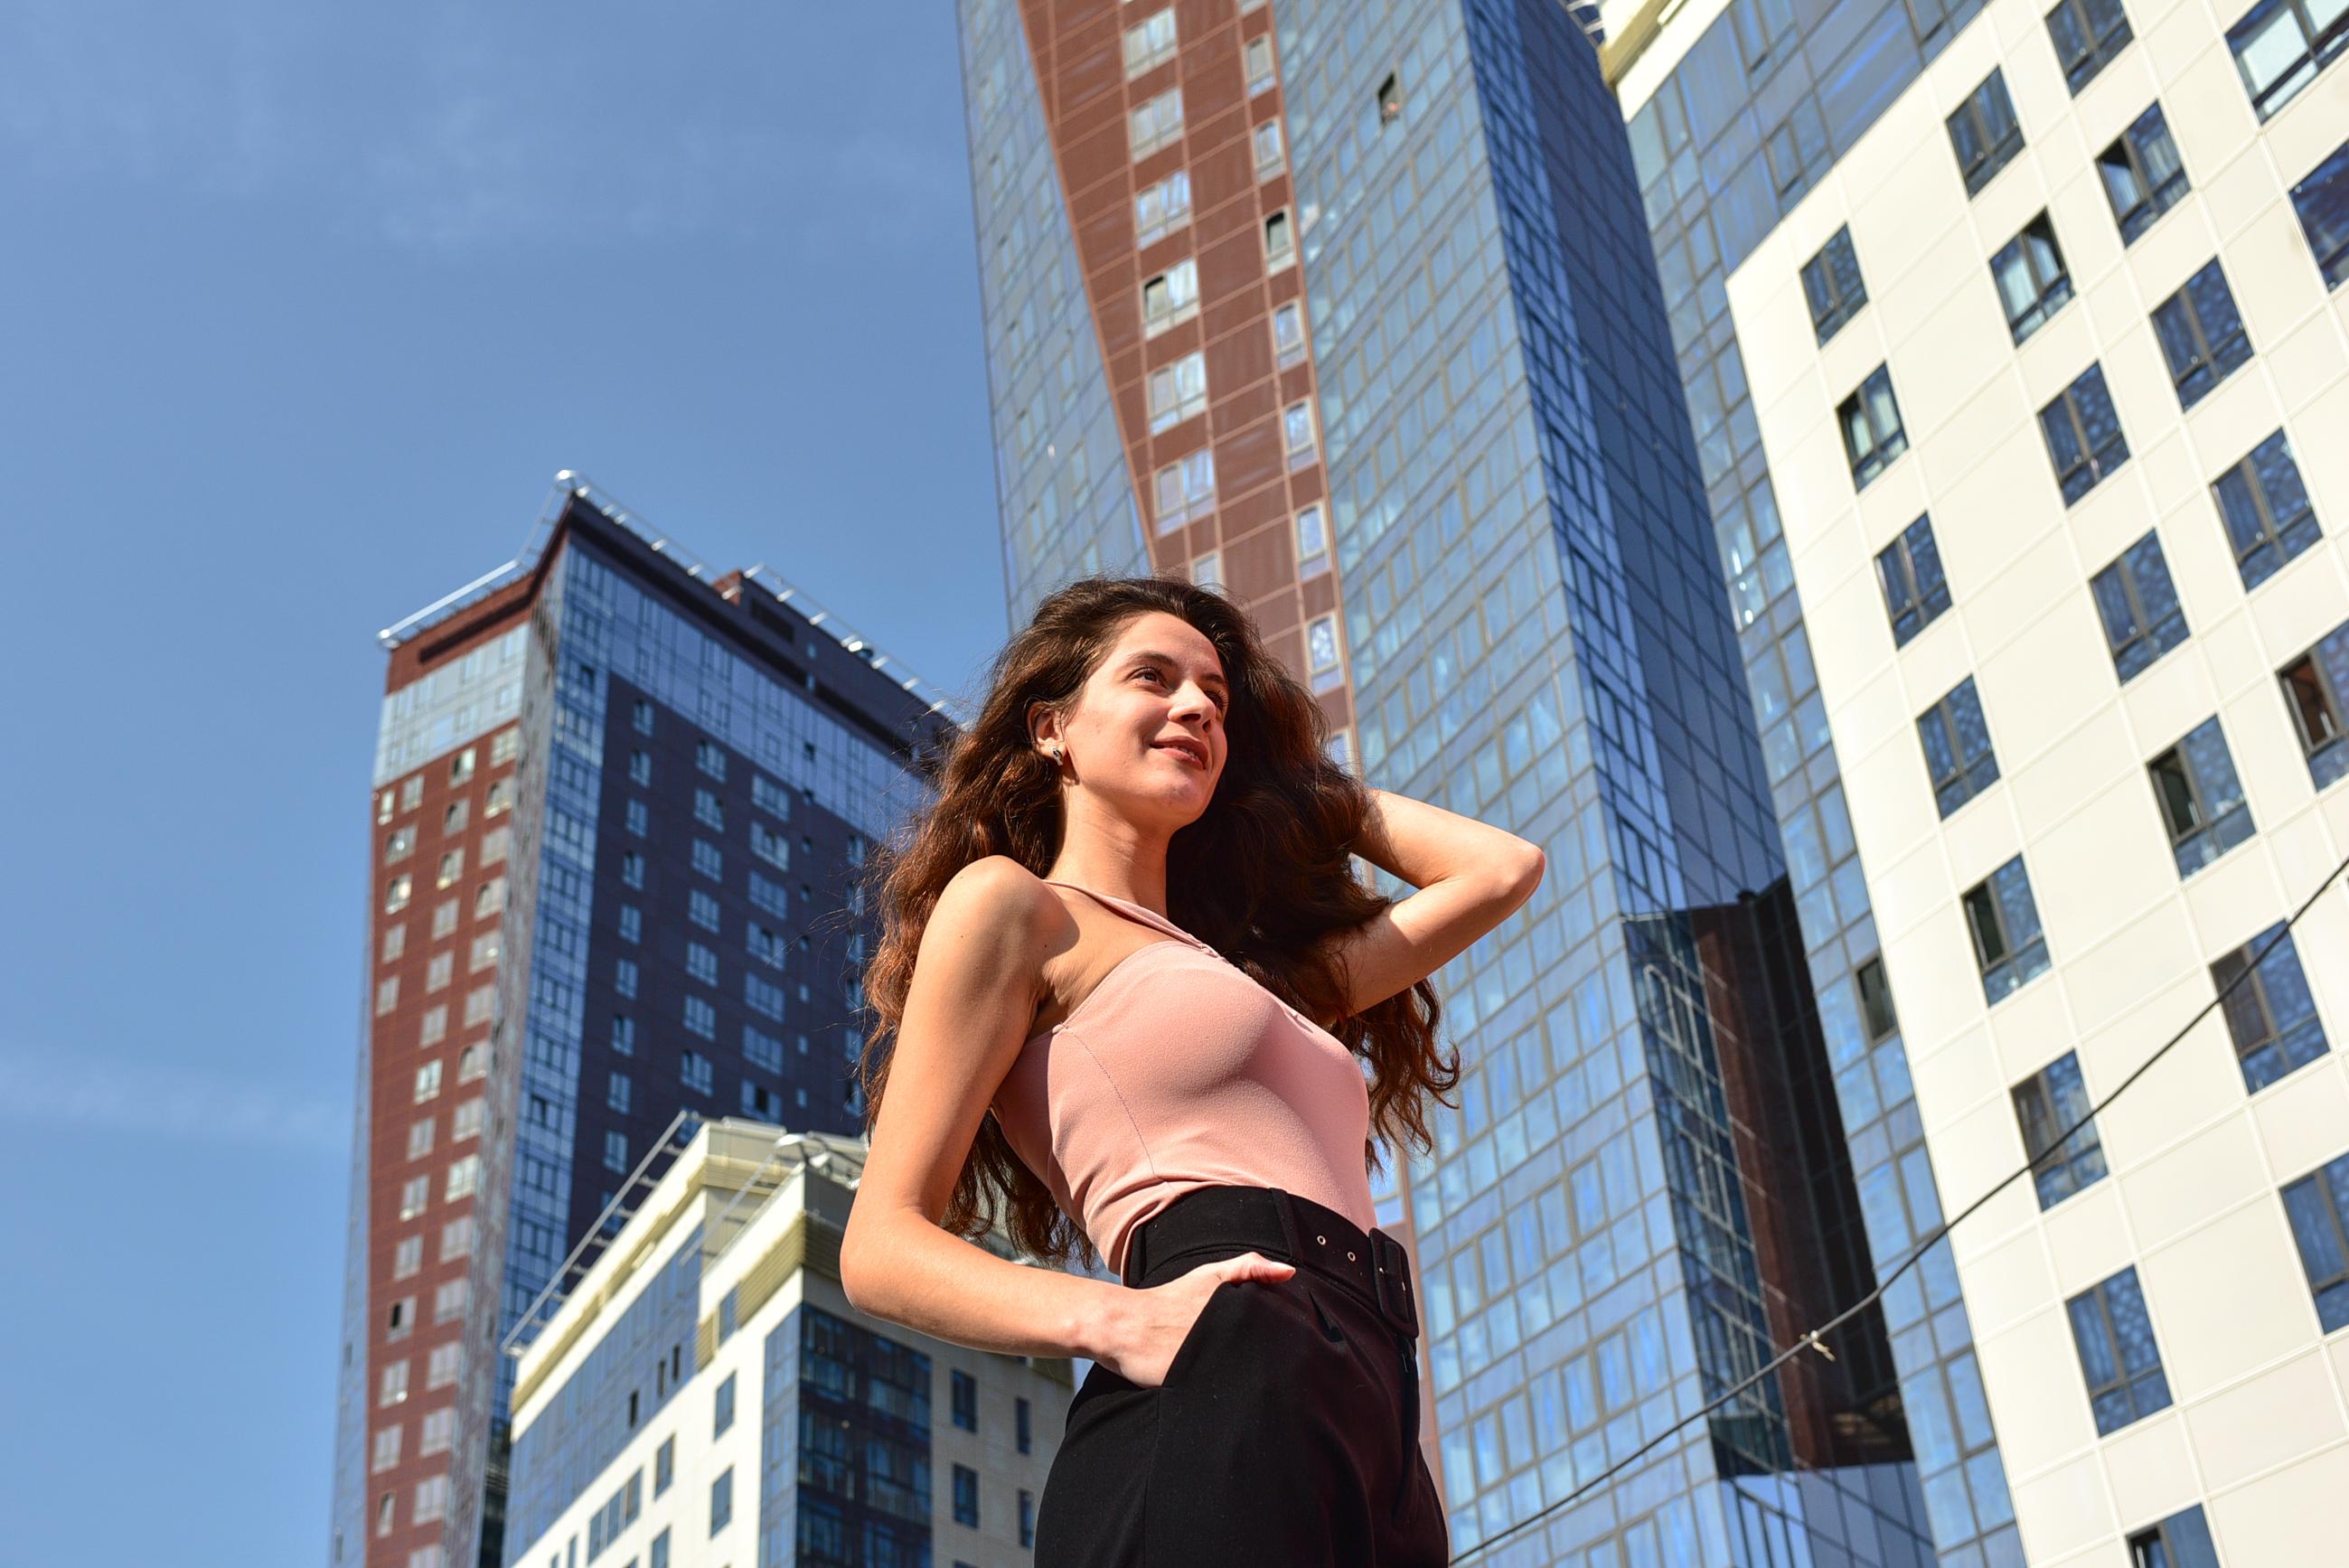 Площадь недвижимости в Москве увеличилась на пять миллионов «квадратов» за полгода